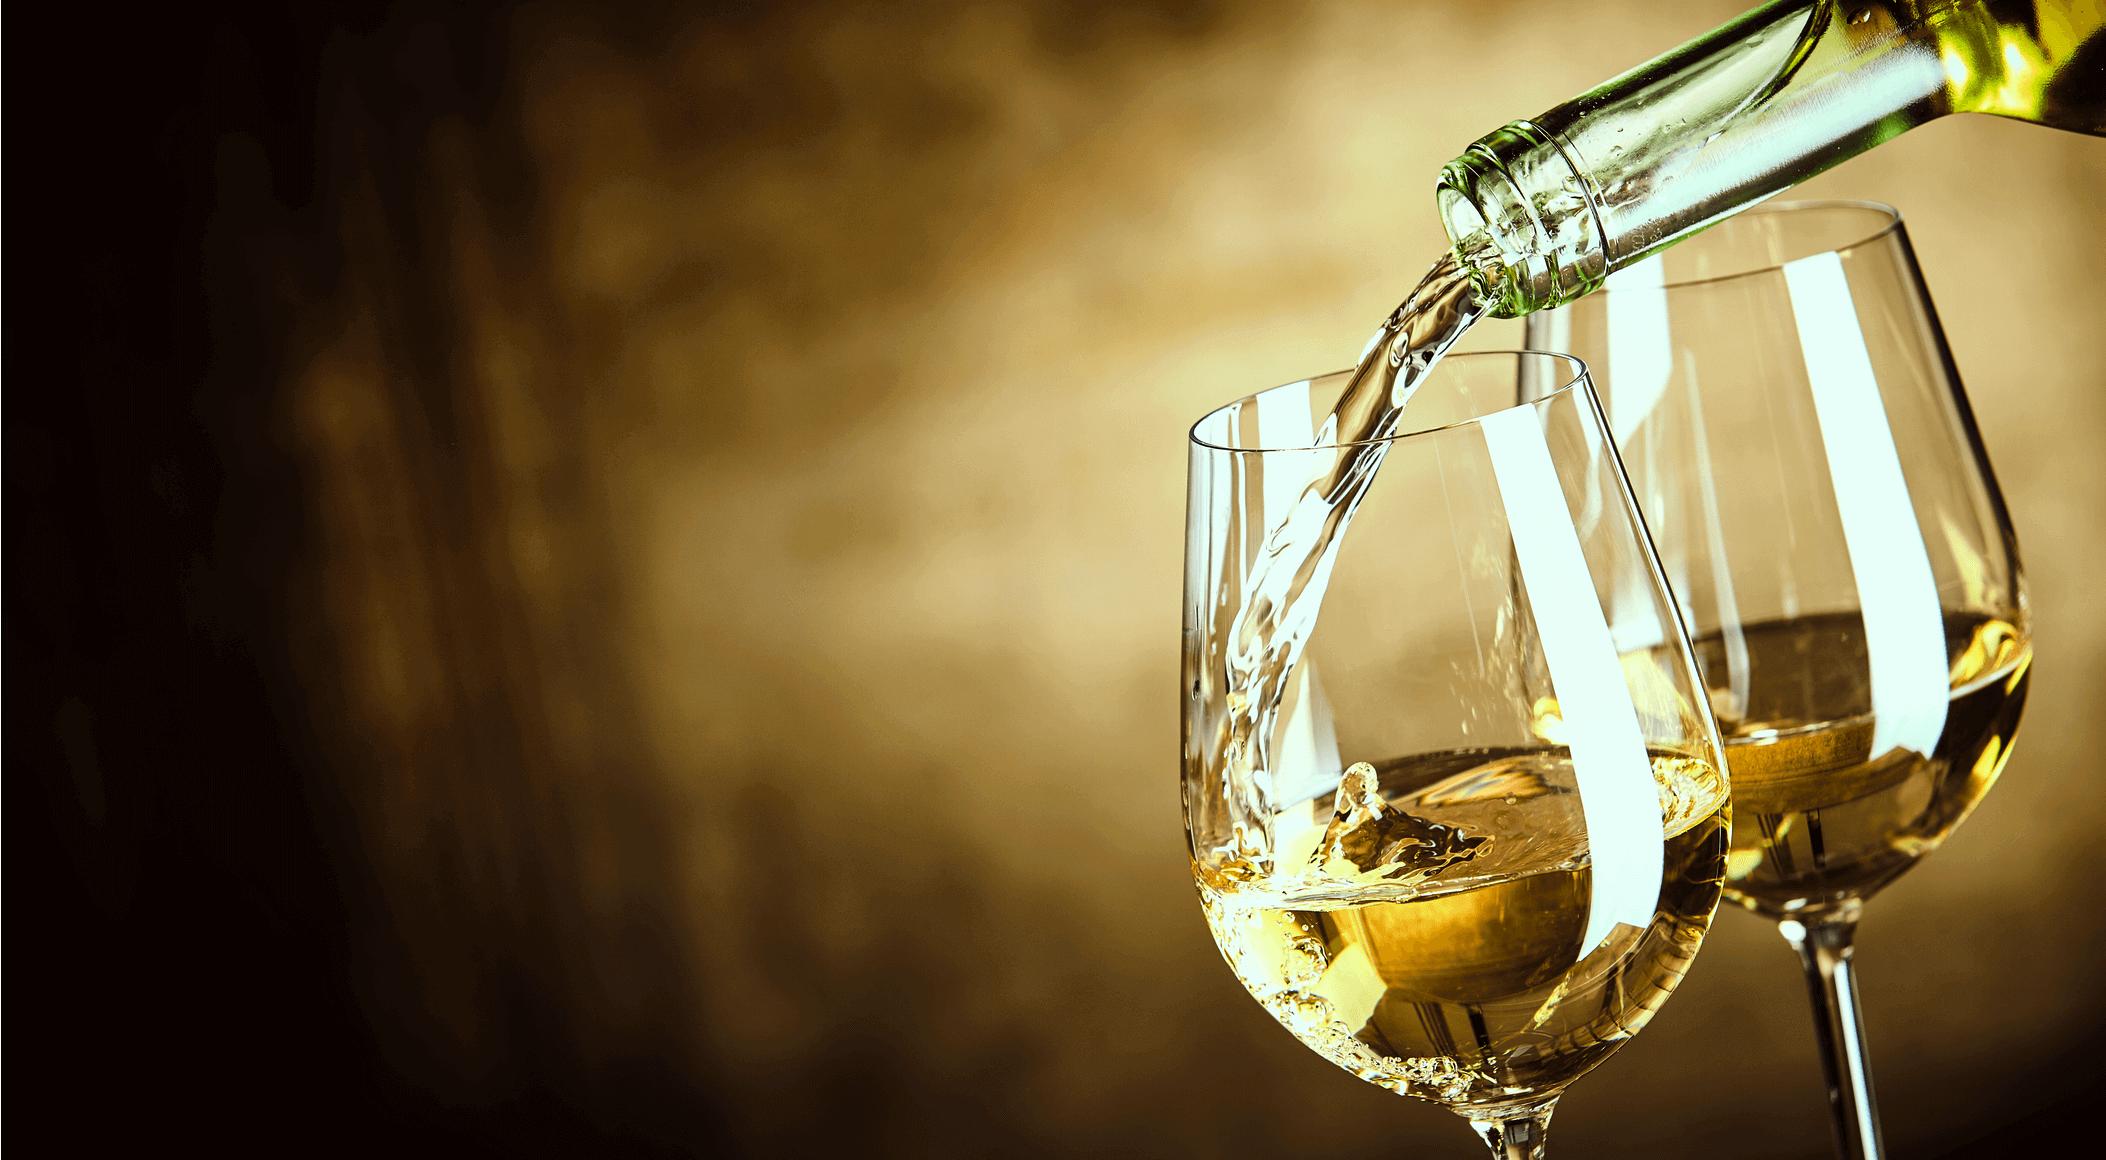 Hos wineman.dk har vi et kæmpe udvalg i produkter der tilsammen har ét formål: at give dig en bedre oplevelse, af den vin du drikker.